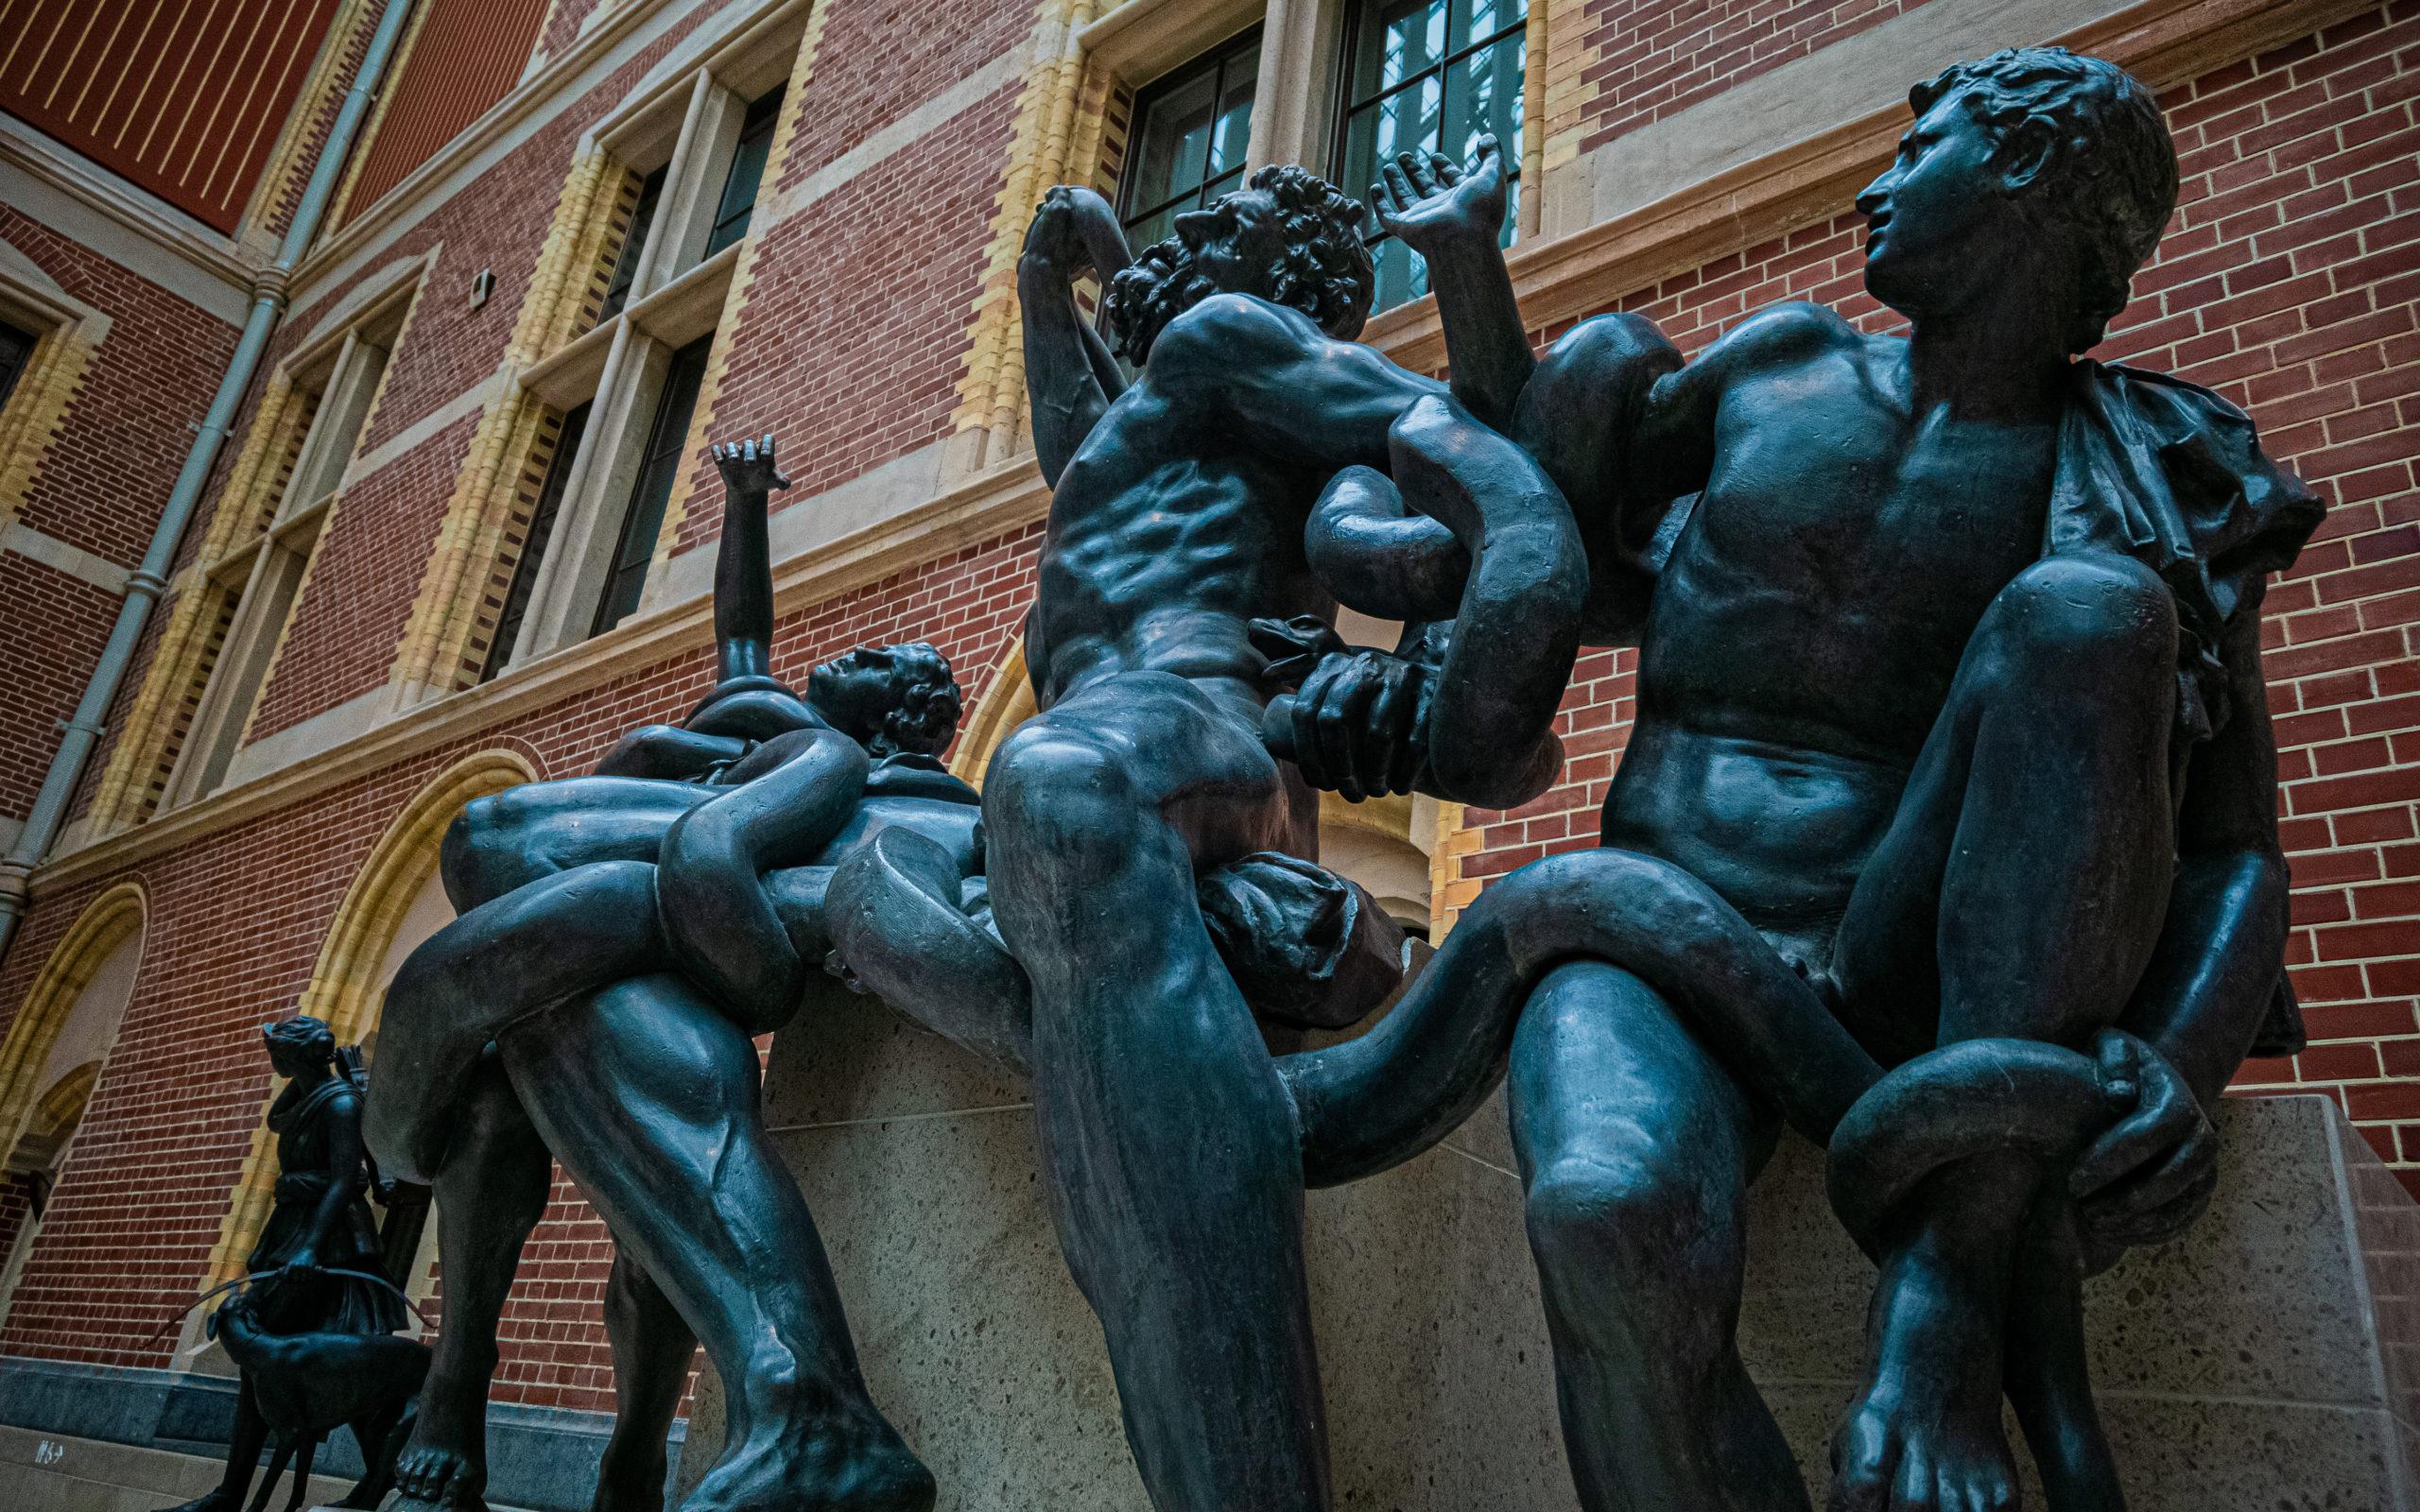 Statue en bronze de plusieurs Hommes entrelassés par un serpent issue du hall du Rijskmuseum